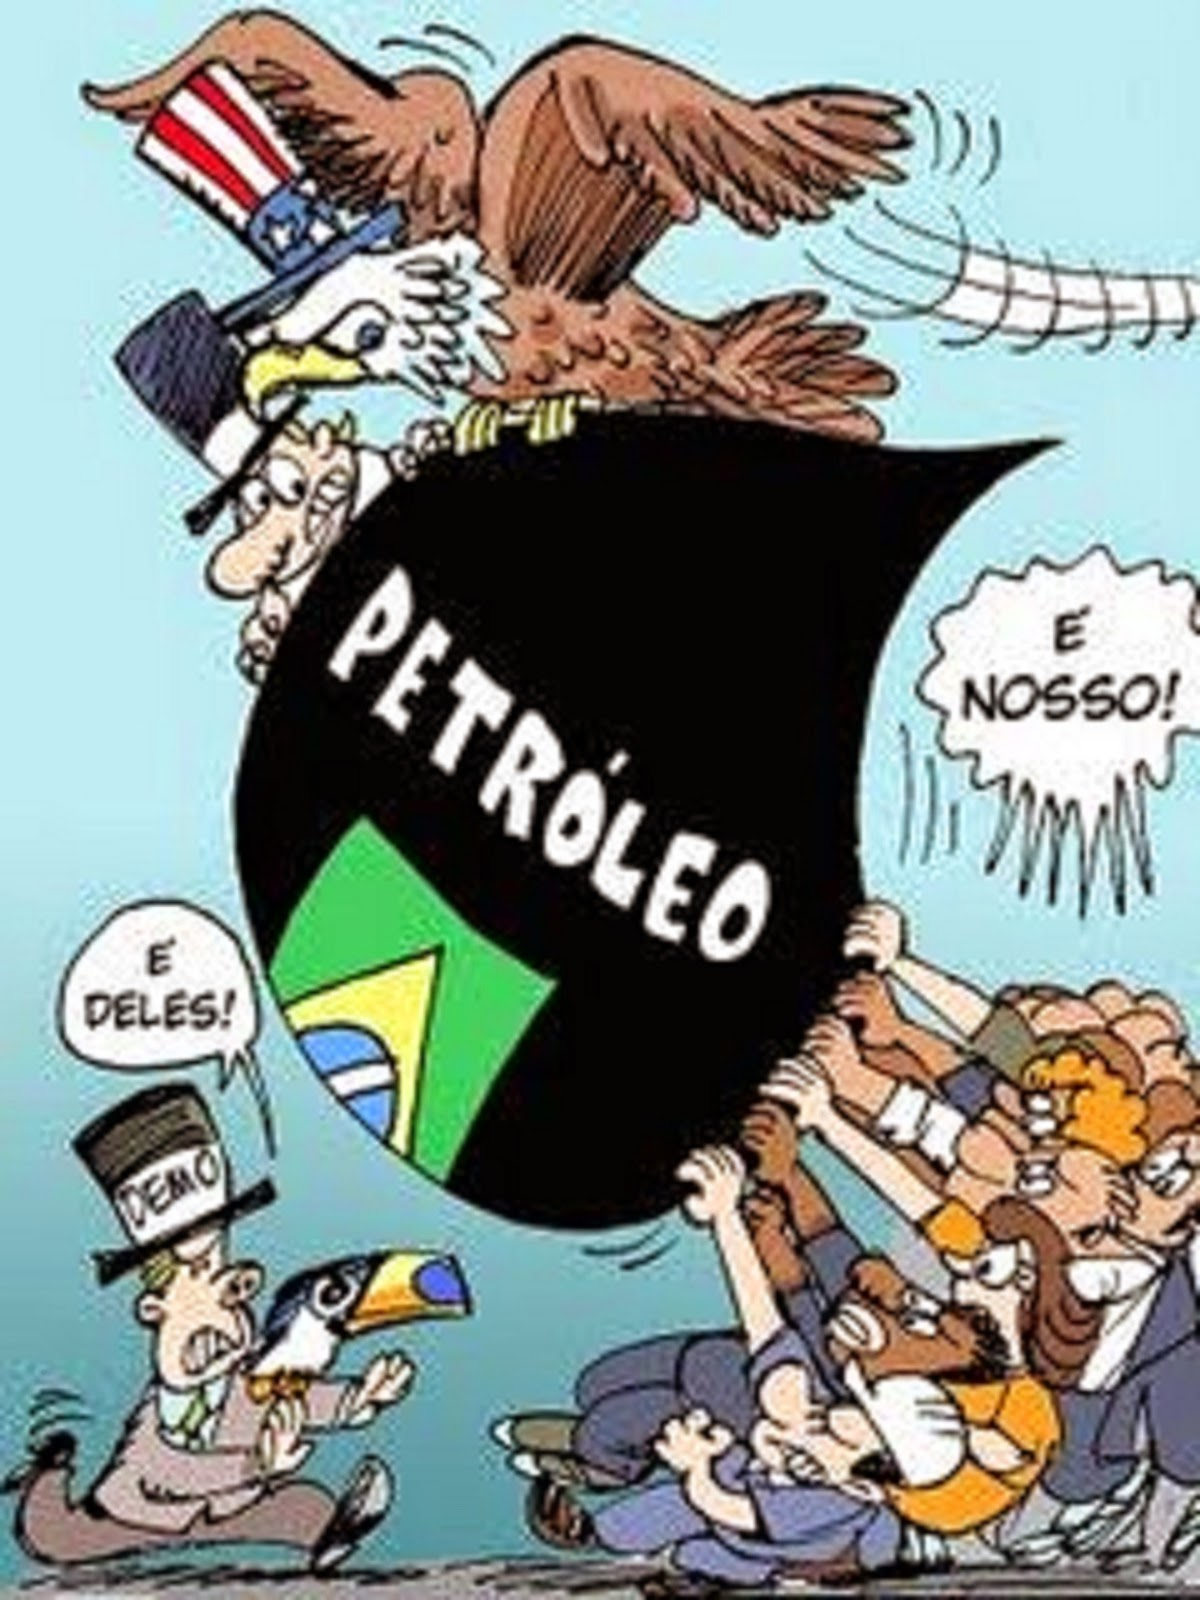 medium resolution of abaixo relacionamos documentos referente a embaixada americana no brasil e da ag ncia de intelig ncia stratfor que tem como alvo a petrobras